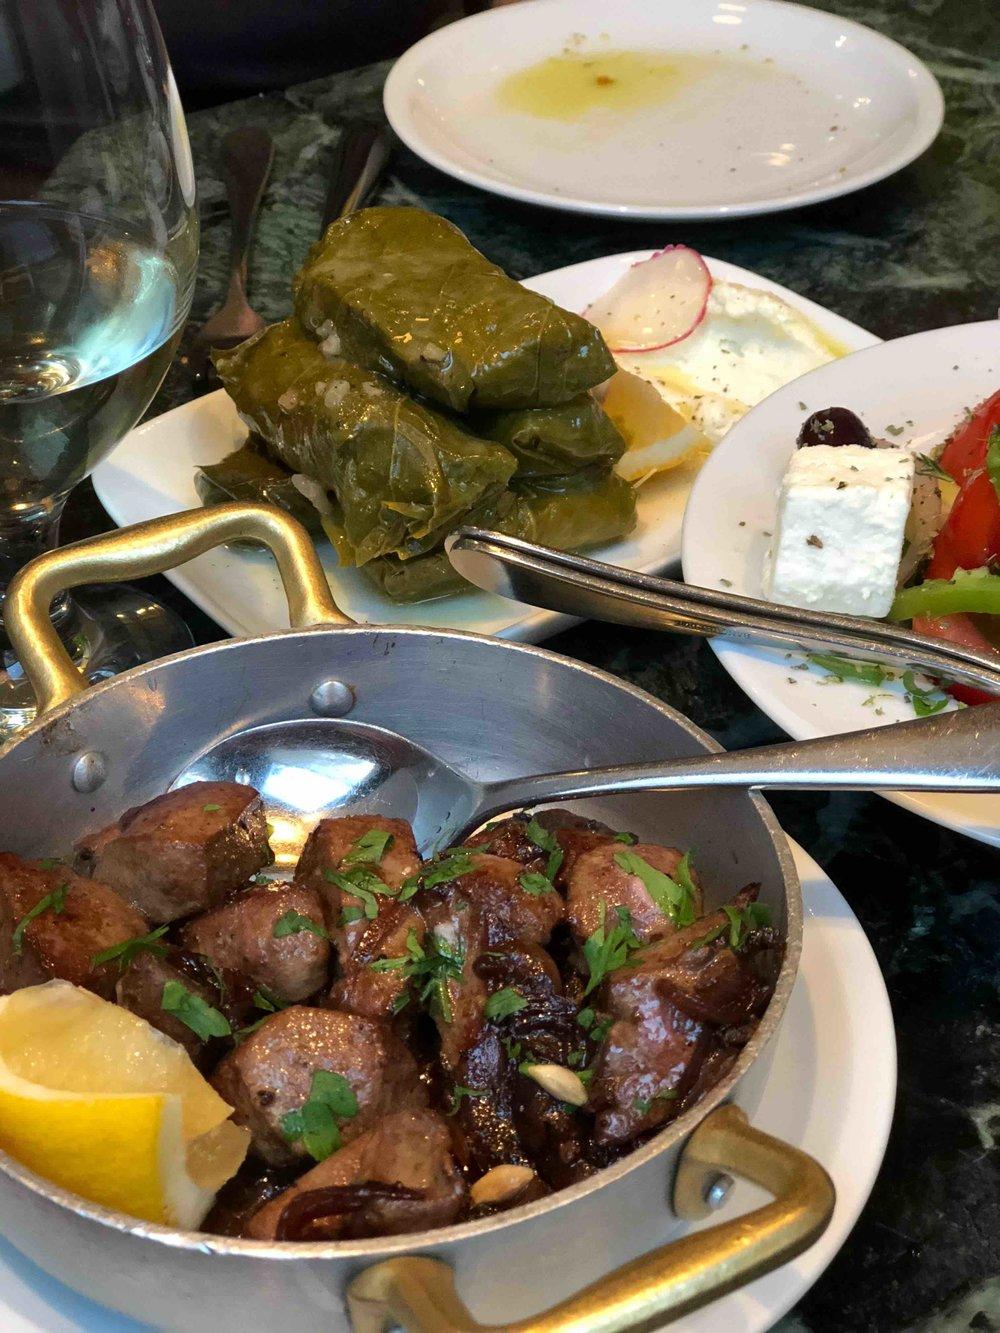 Cherchez La Femme liver & onions